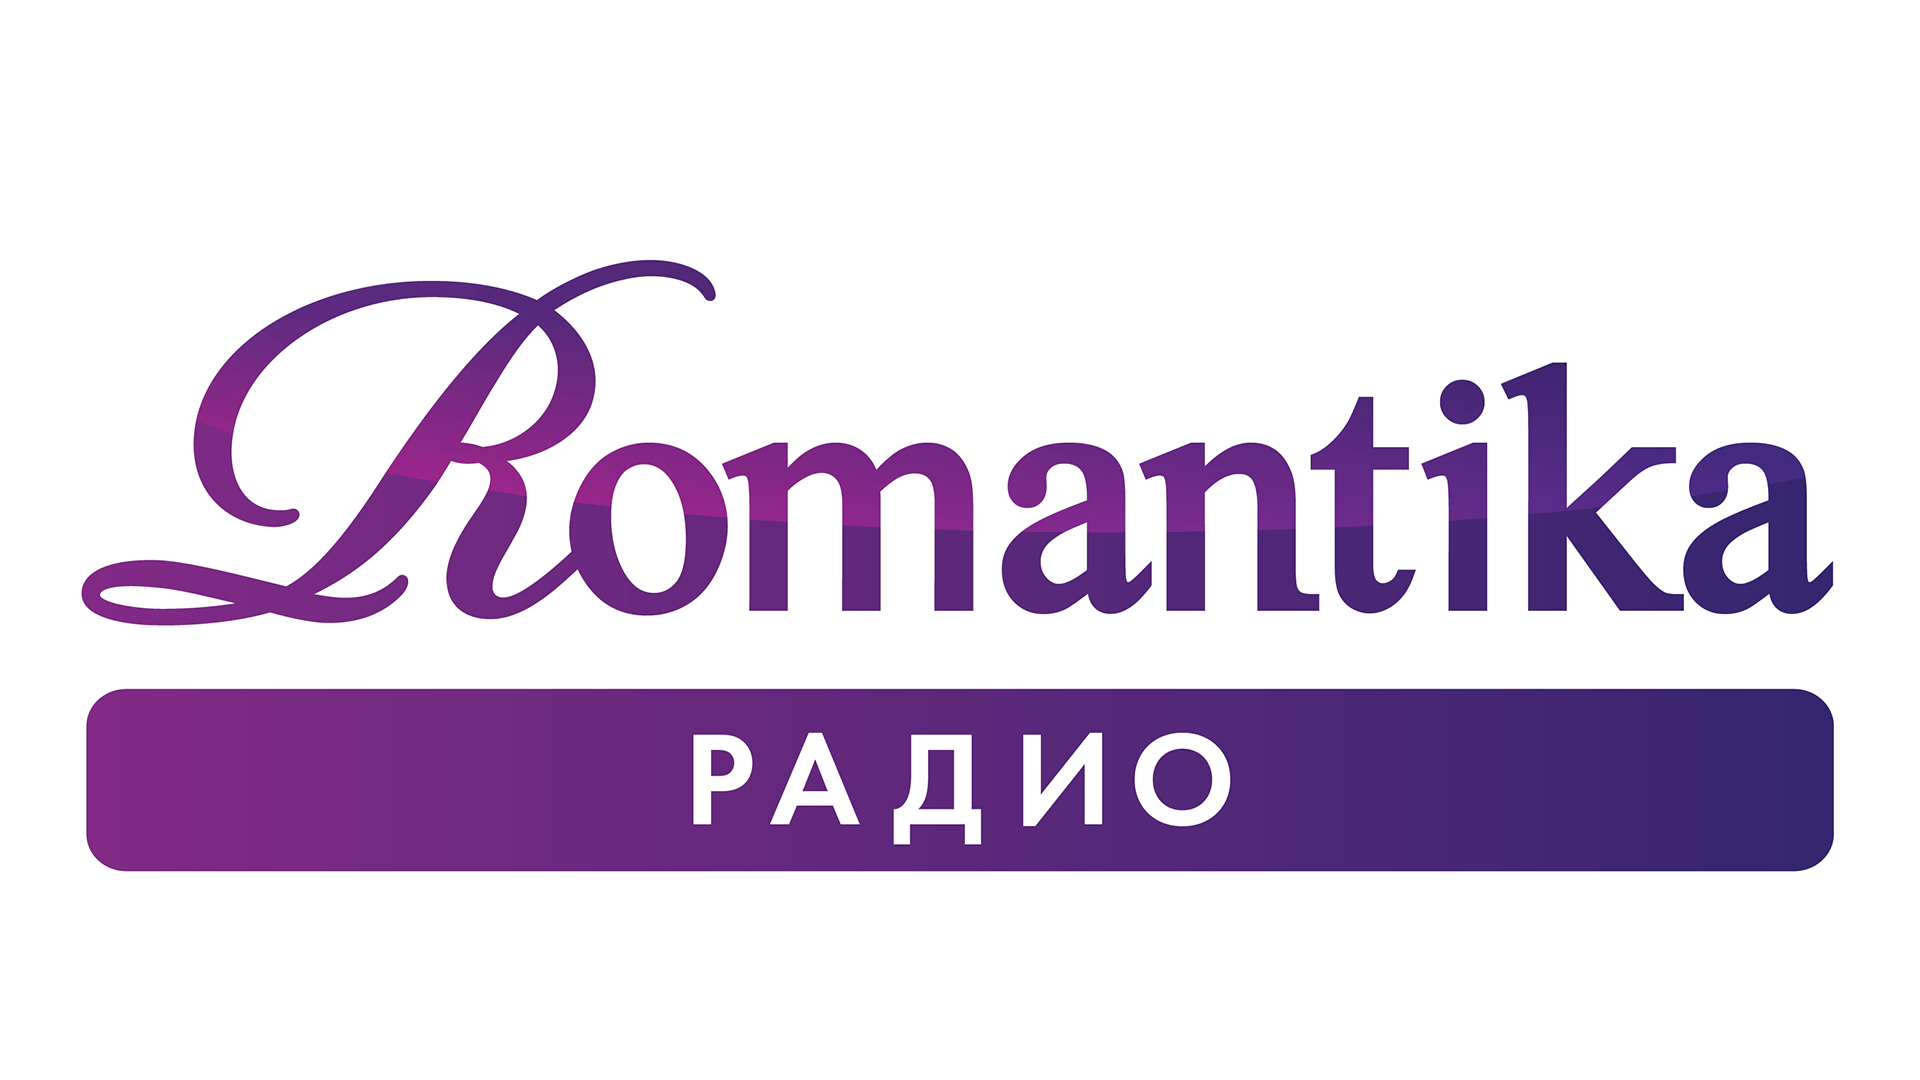 Профилактика на Радио Romantika